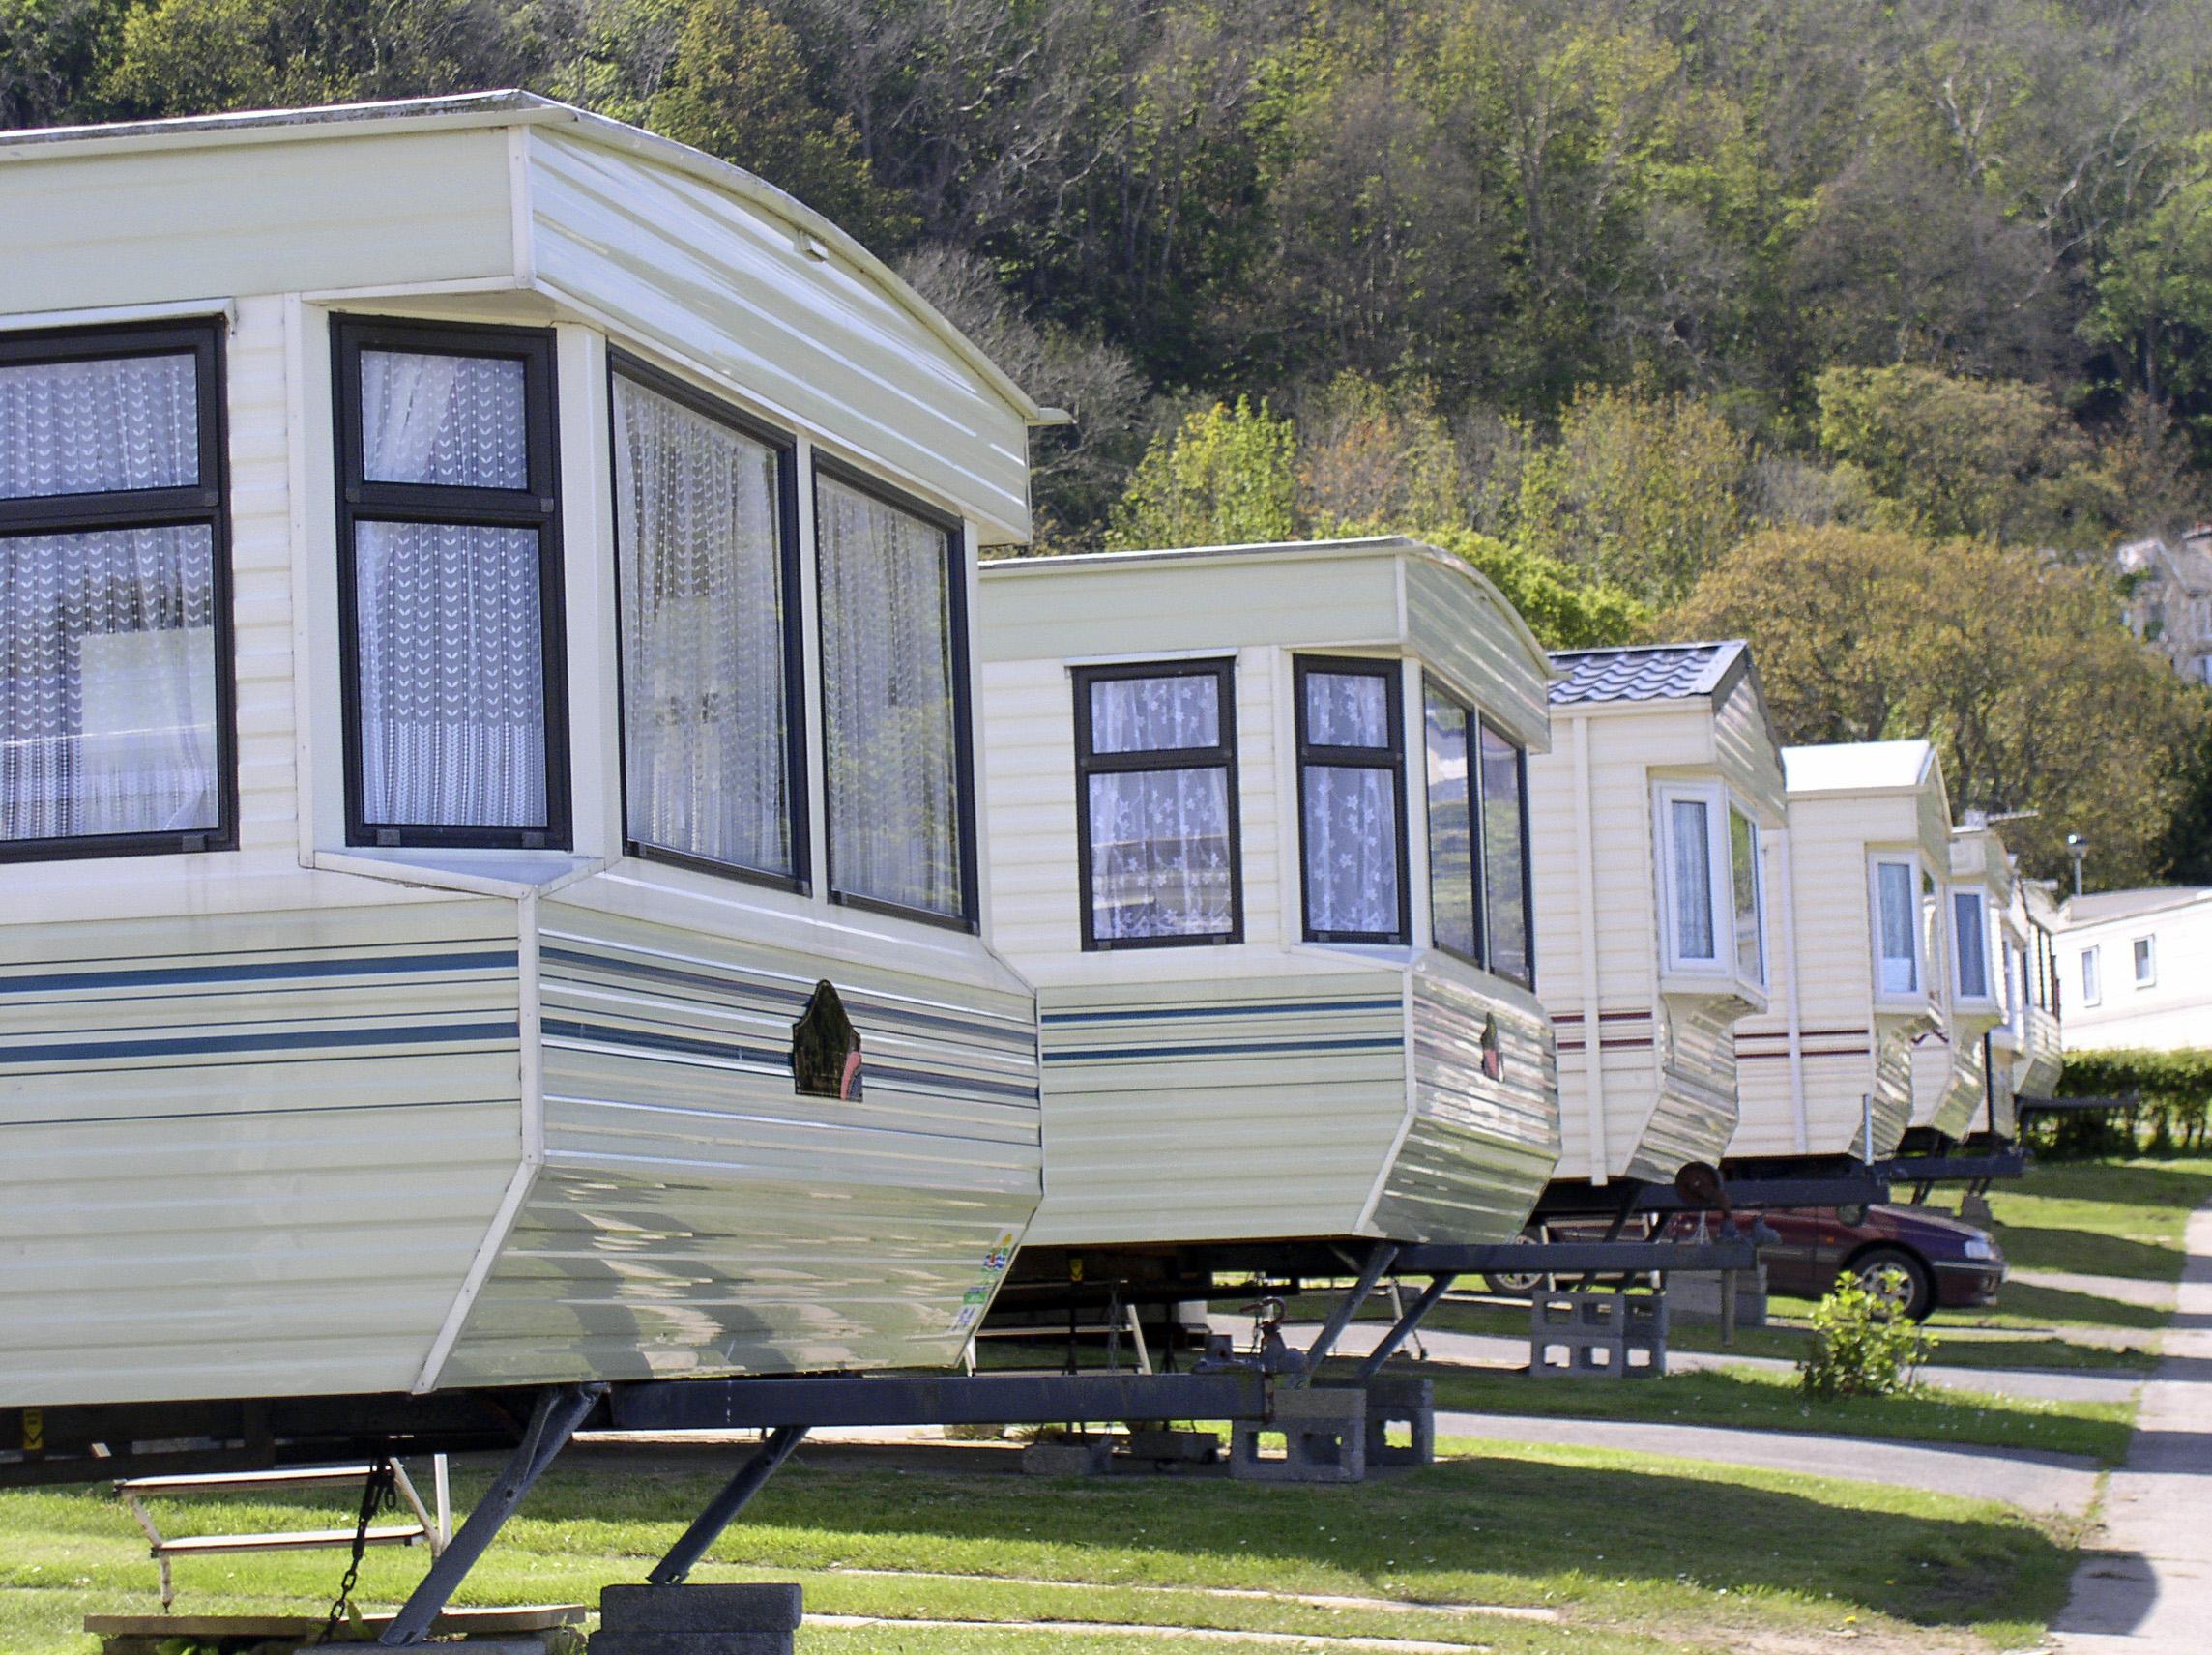 Caravans (iStock)